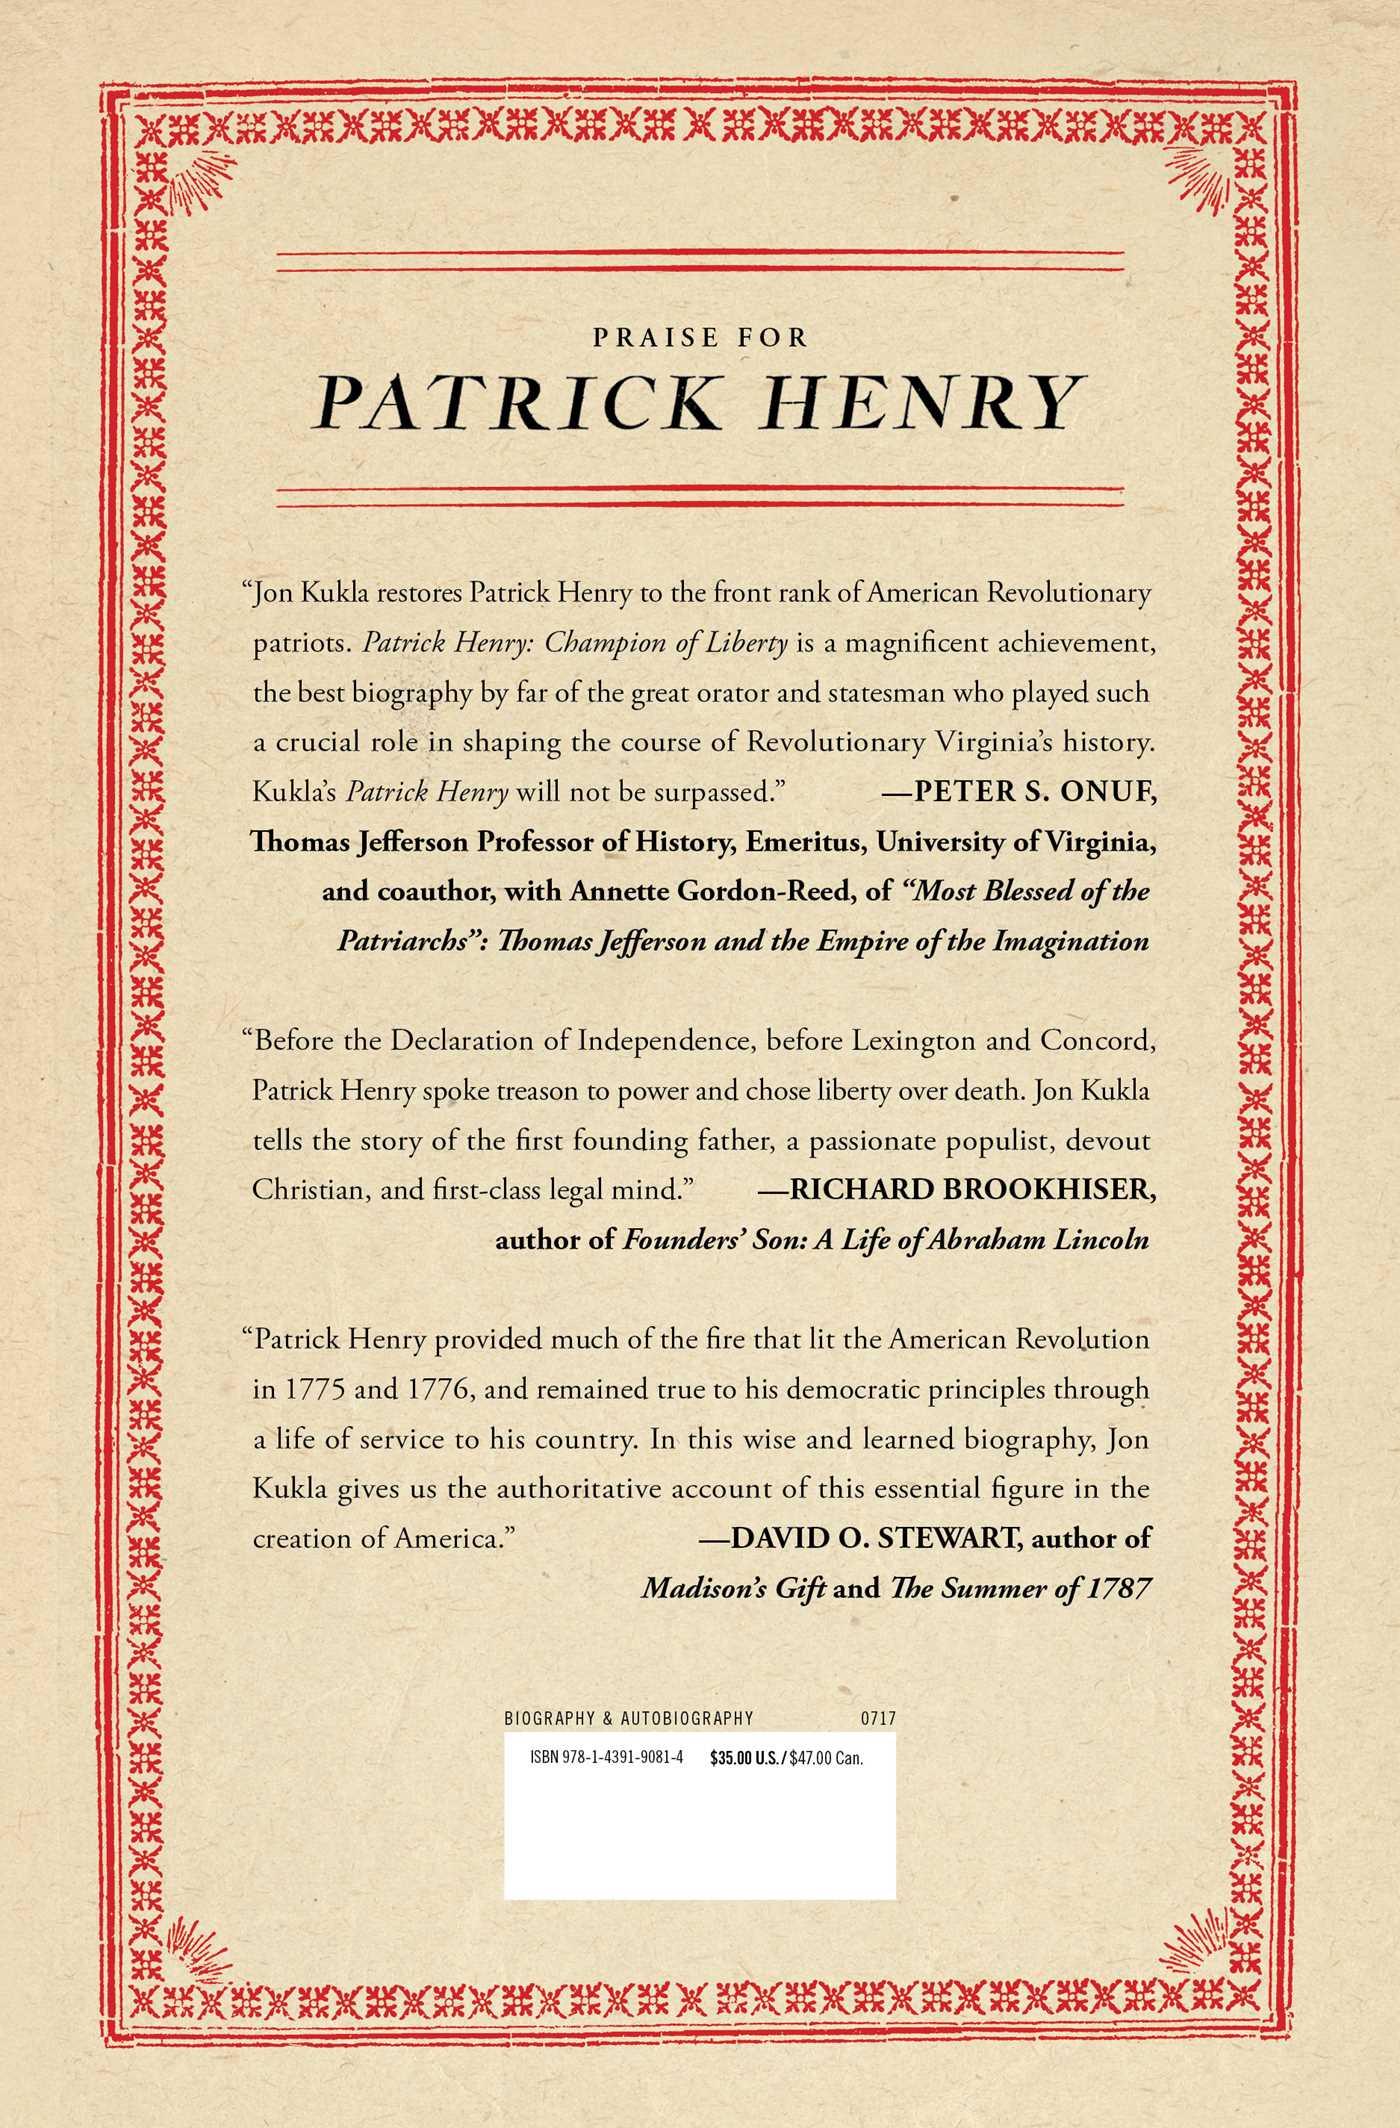 Patrick henry 9781439190814 hr back